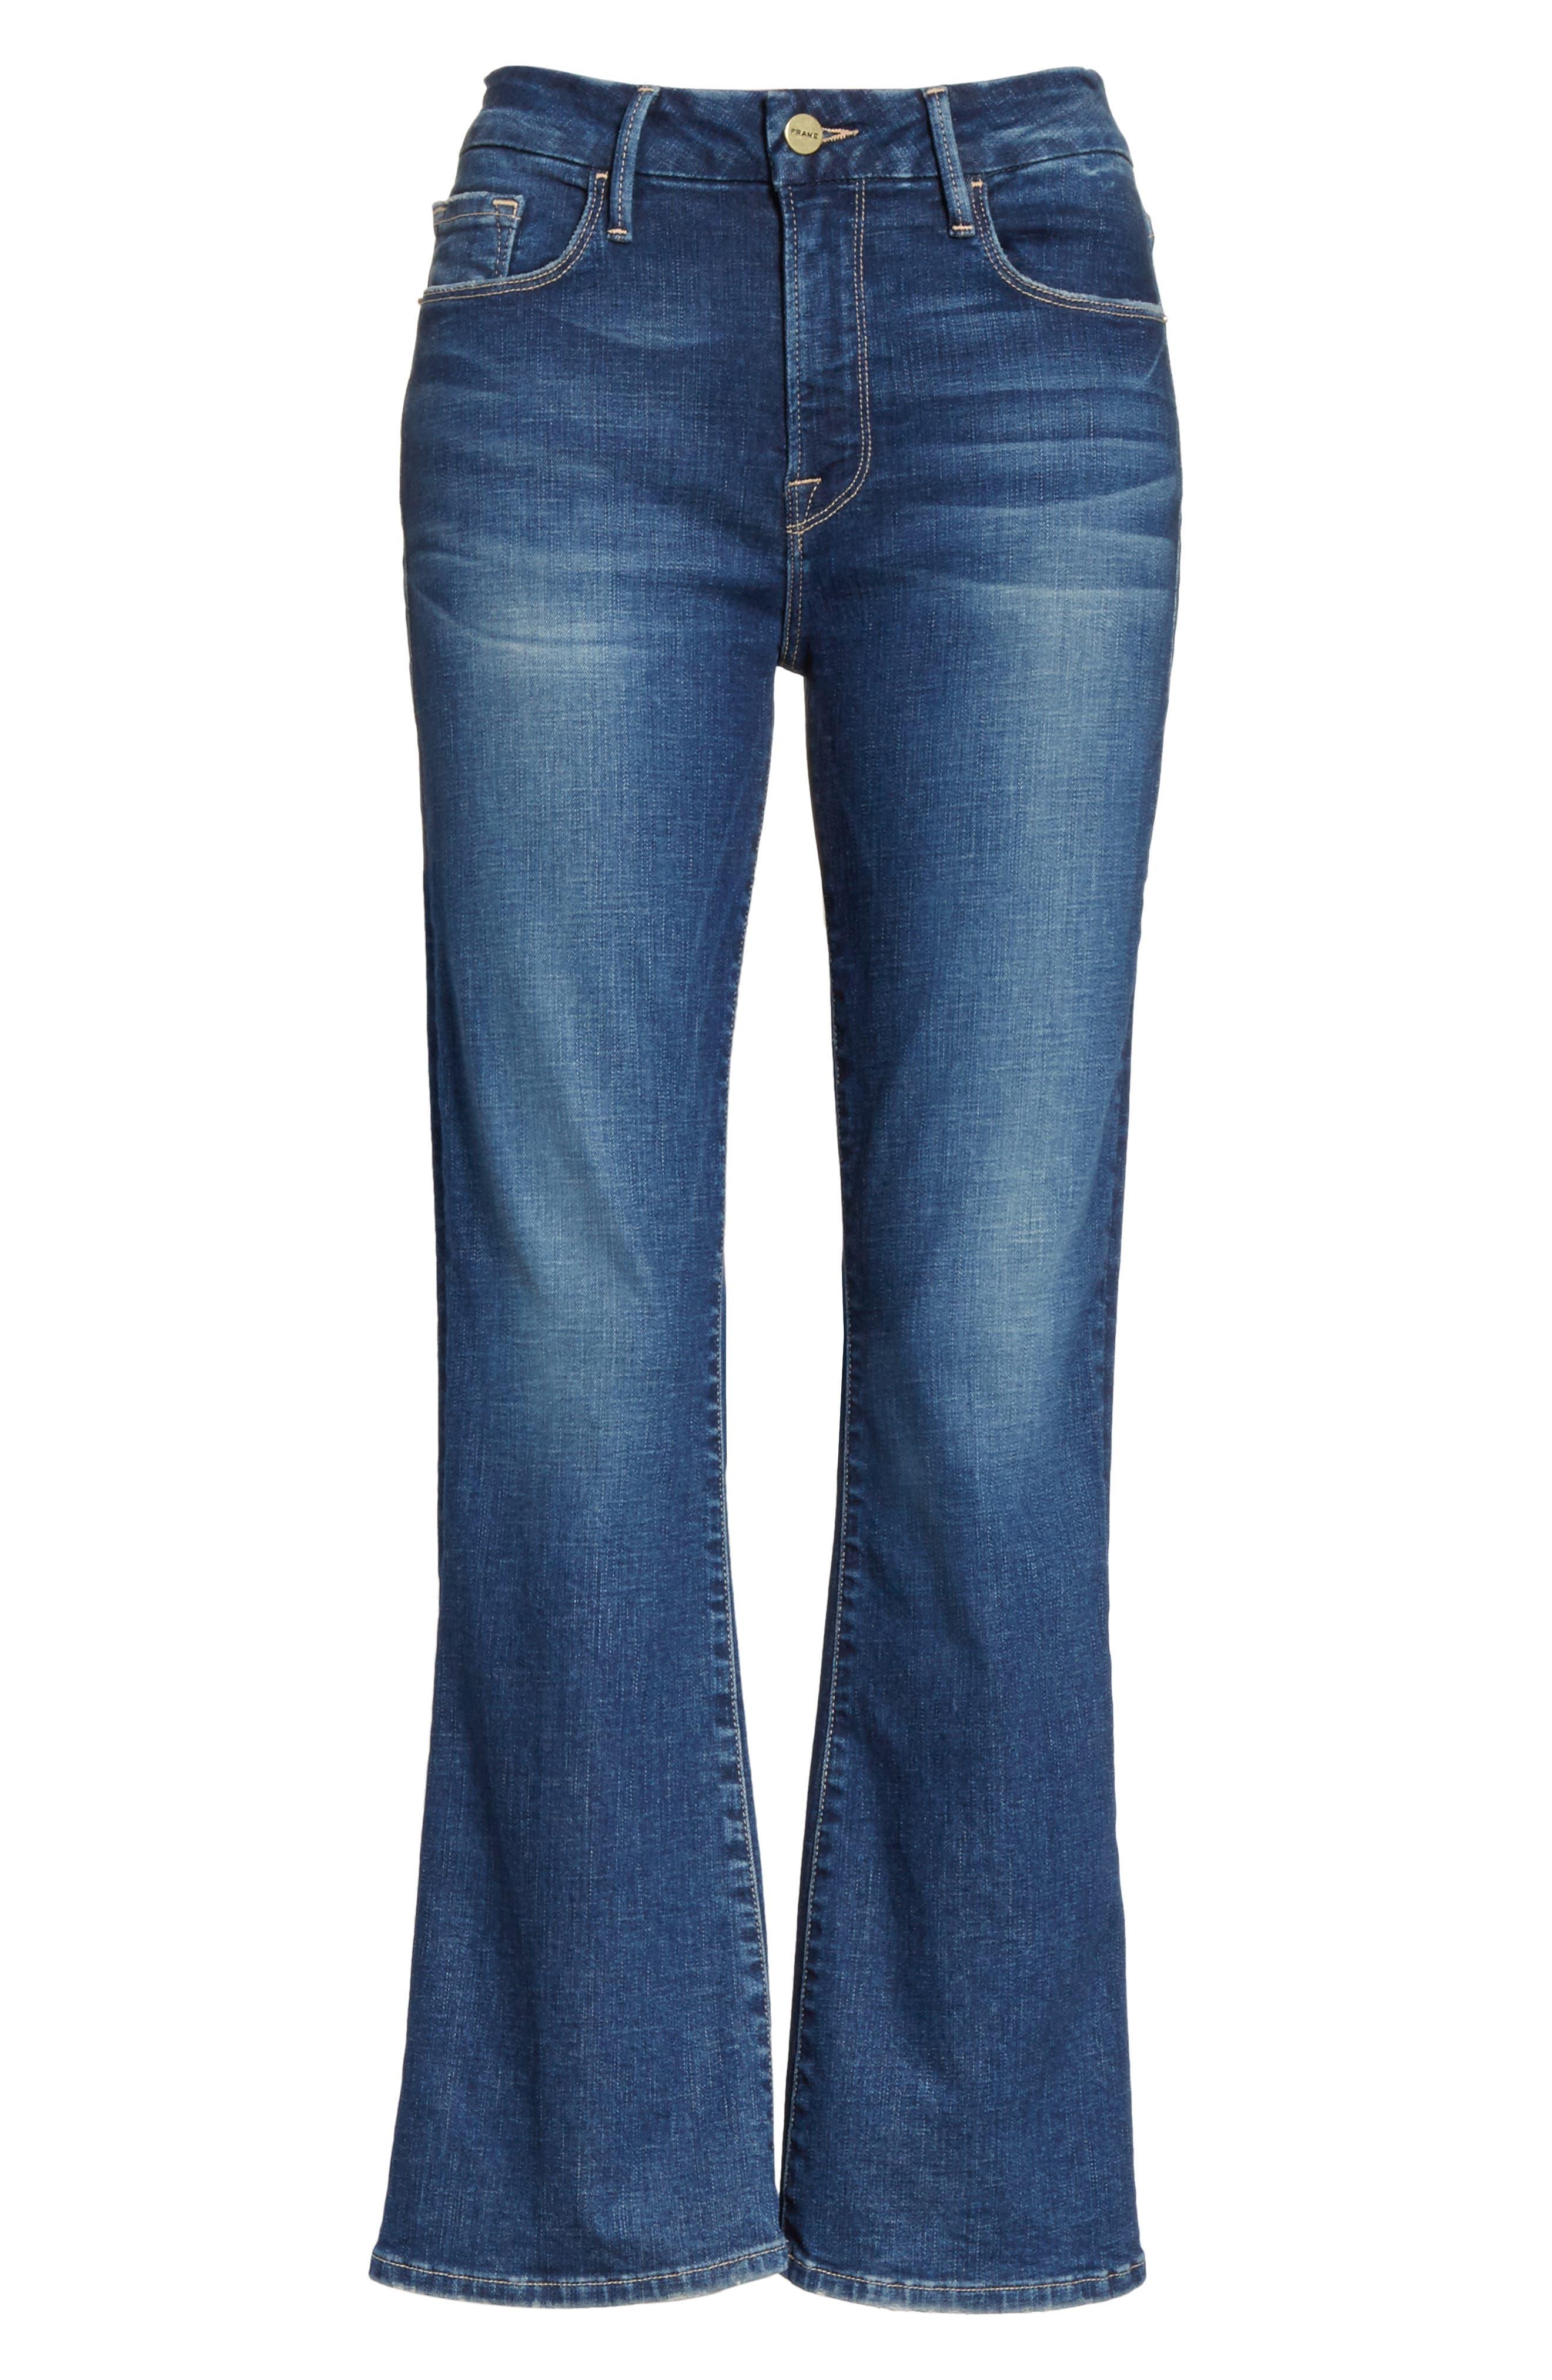 Le Crop Mini Boot Jeans,                             Alternate thumbnail 6, color,                             401